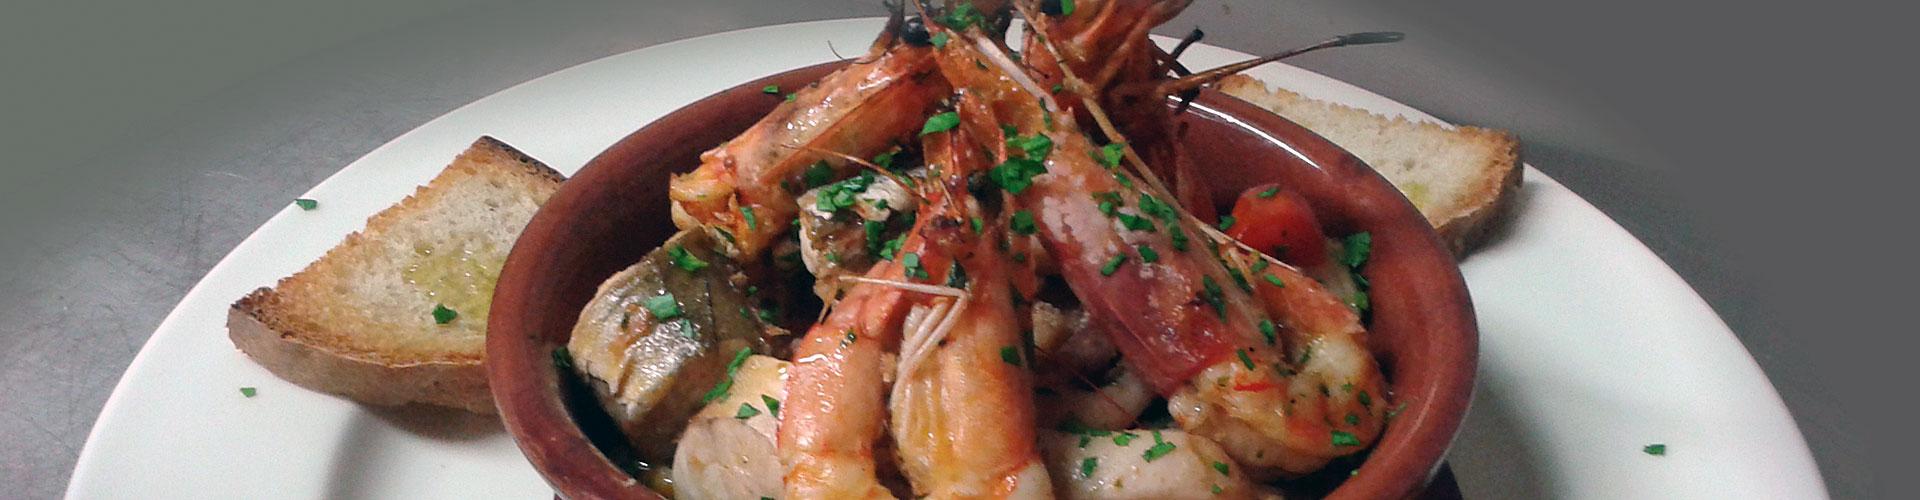 ristorante di pesce Rieti